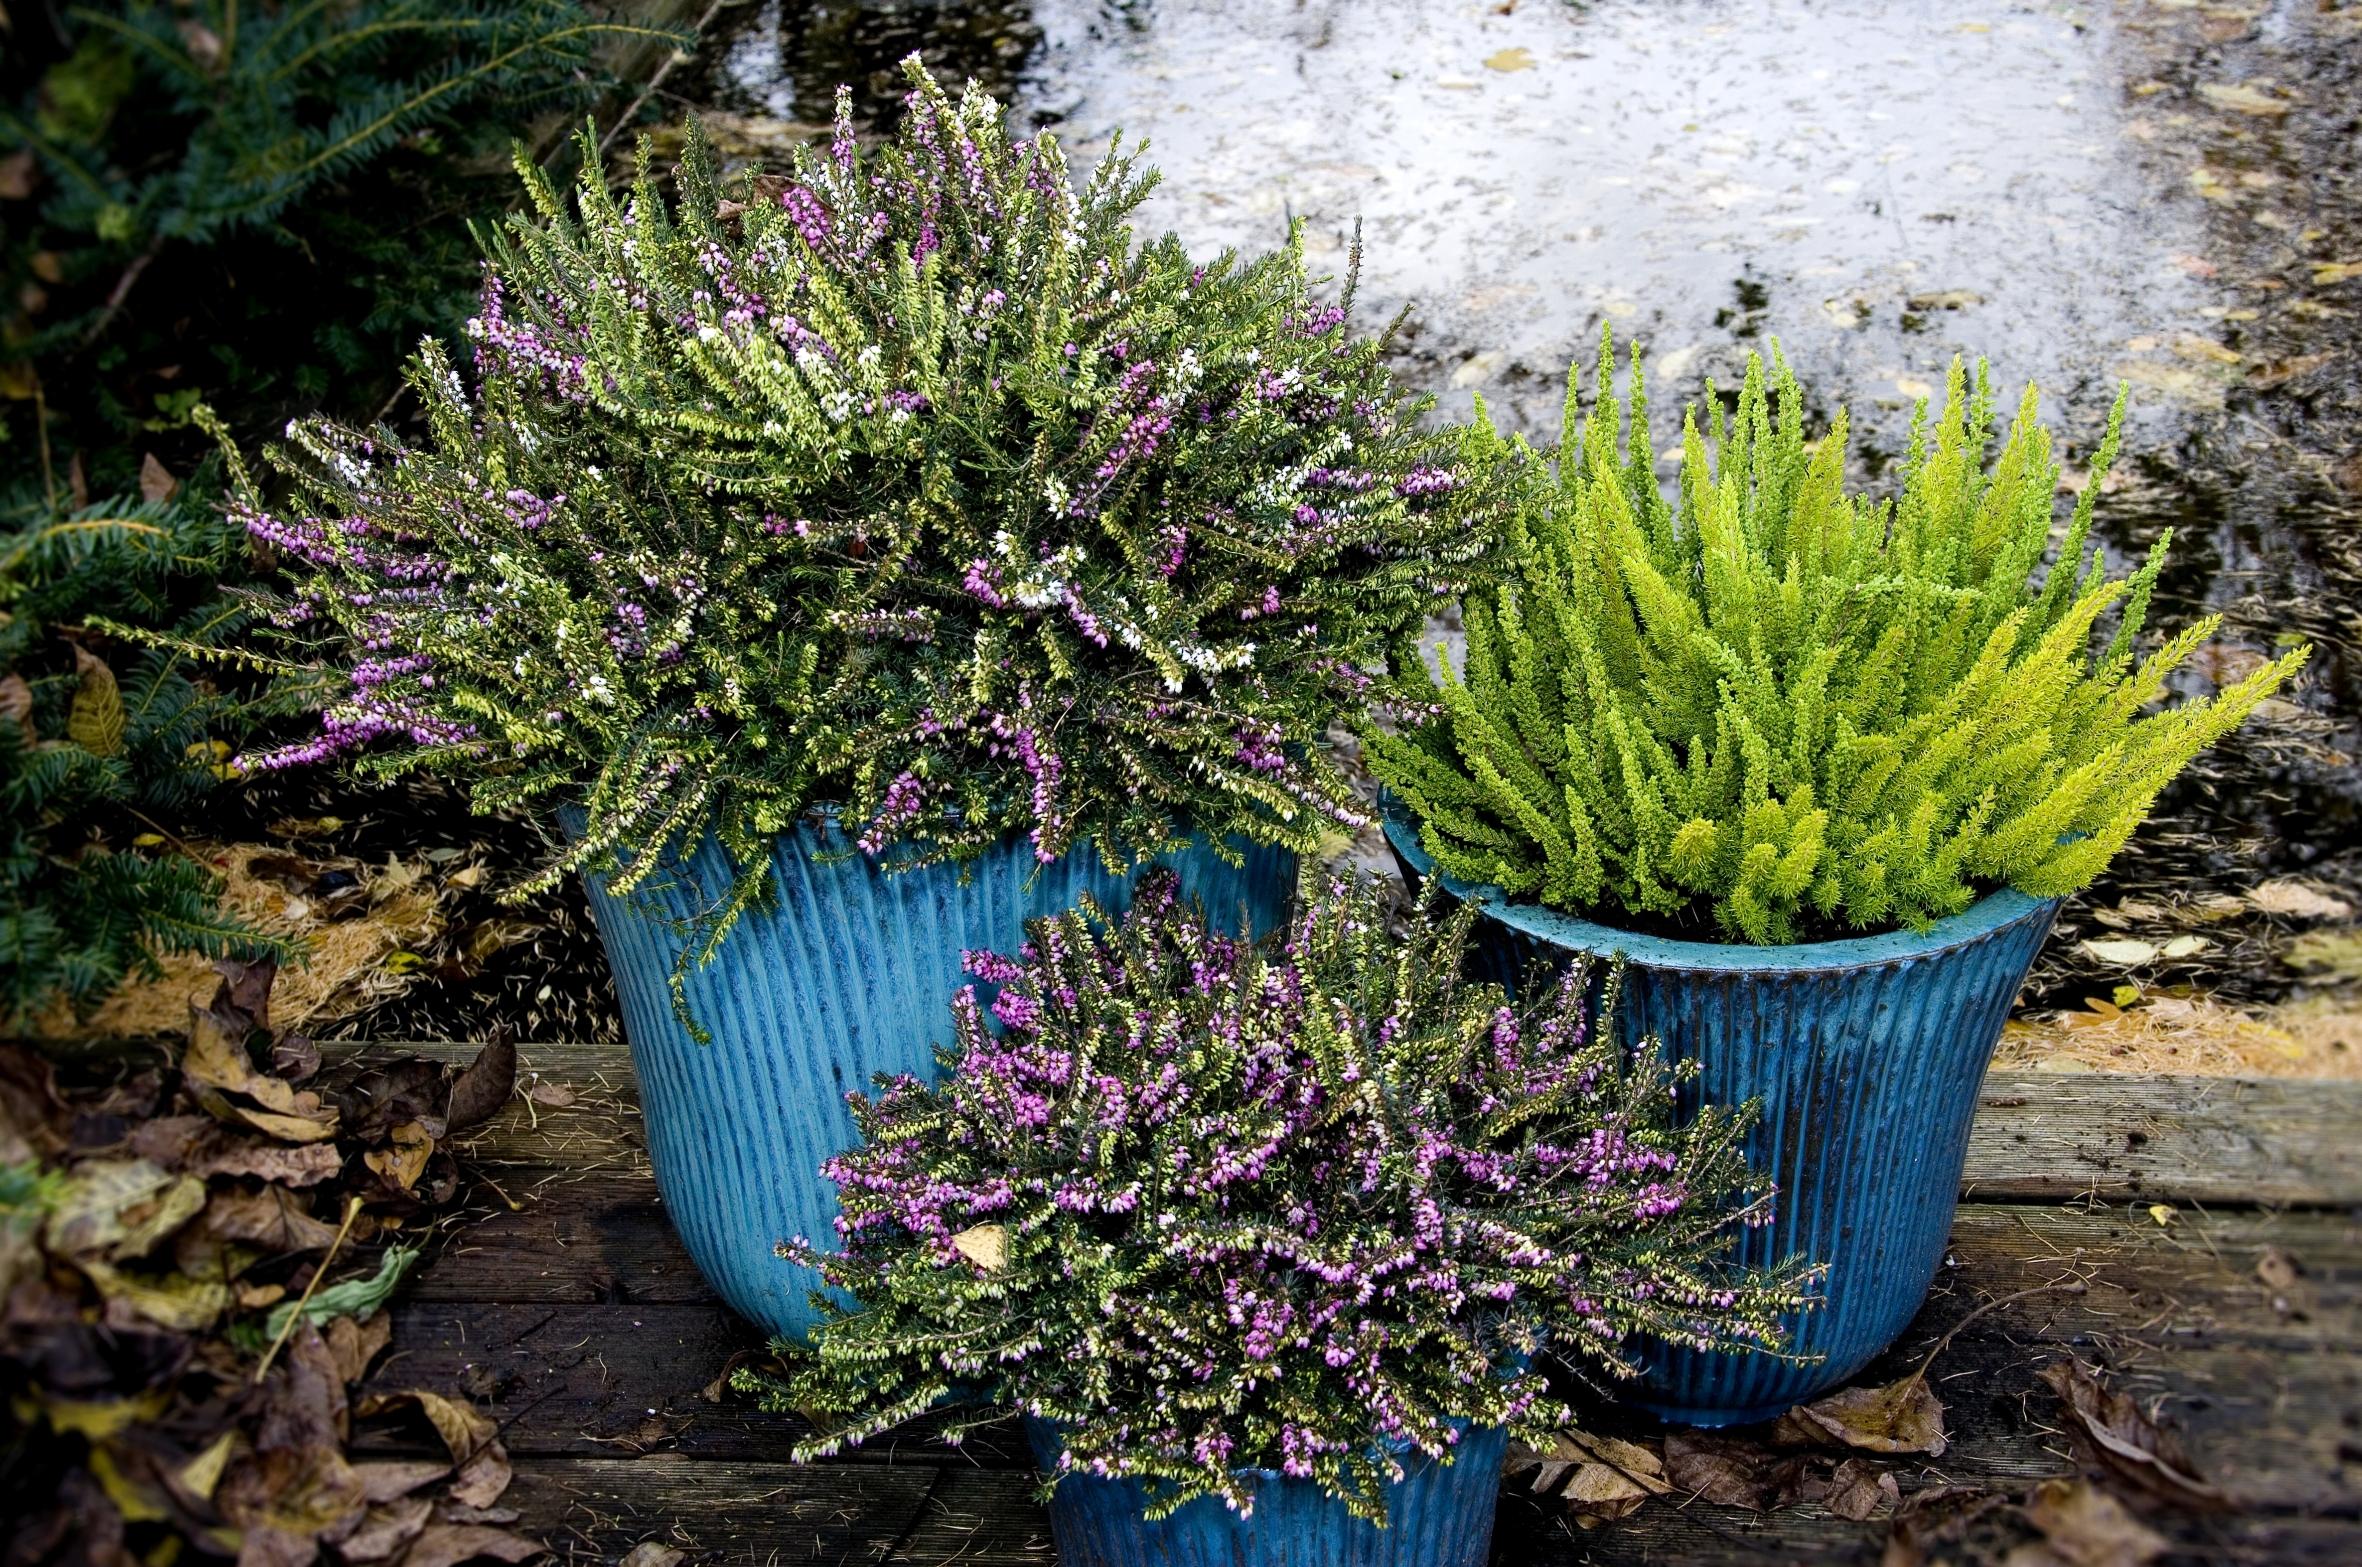 Blütenteppich im Winter: Die Englische Heide bezaubert auf den zweiten Blick